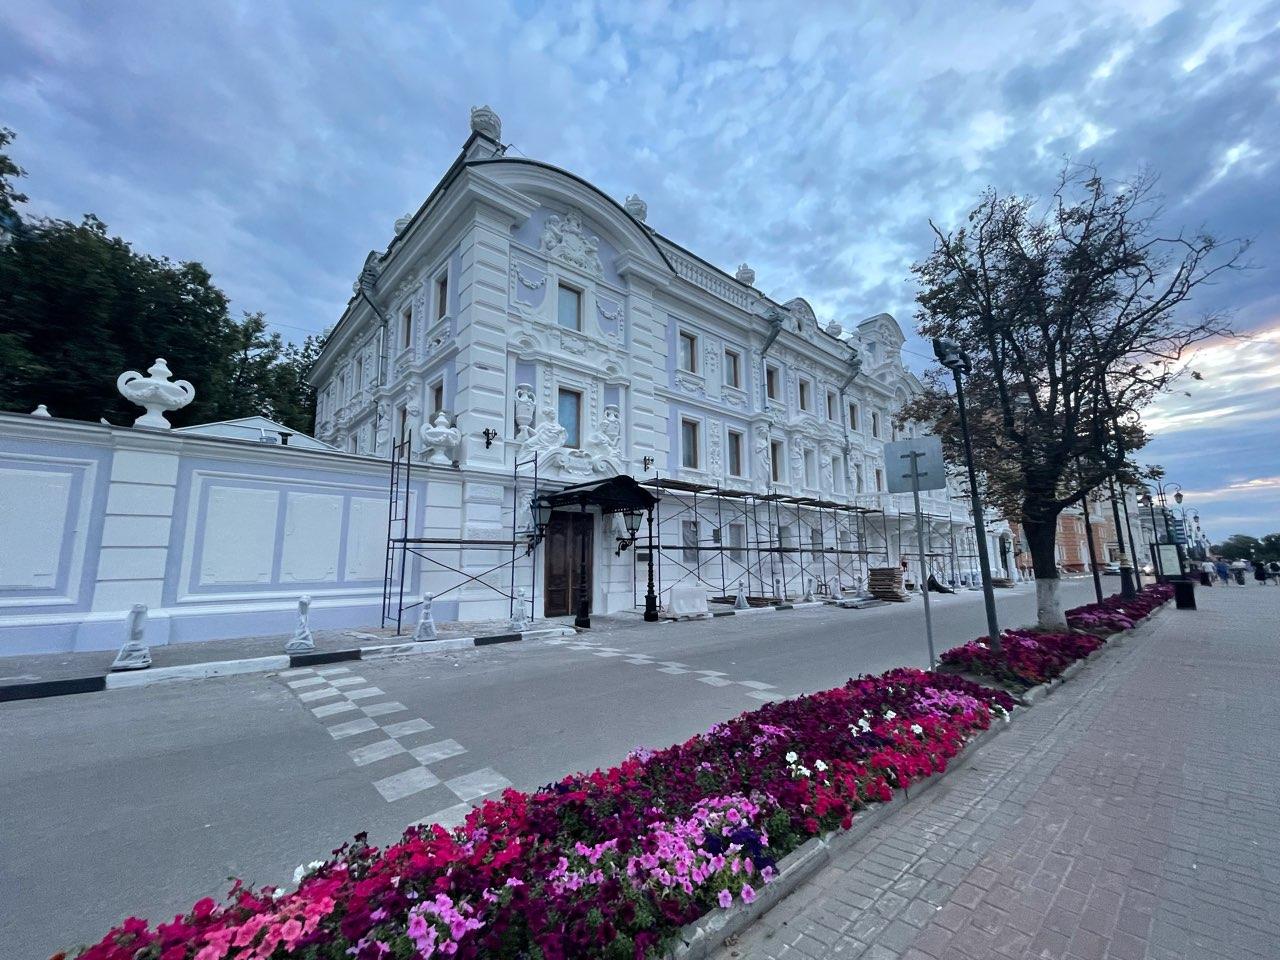 Рукавишниковы и Нижний Новгород: как изменила город знаменитая купеческая династия - фото 1